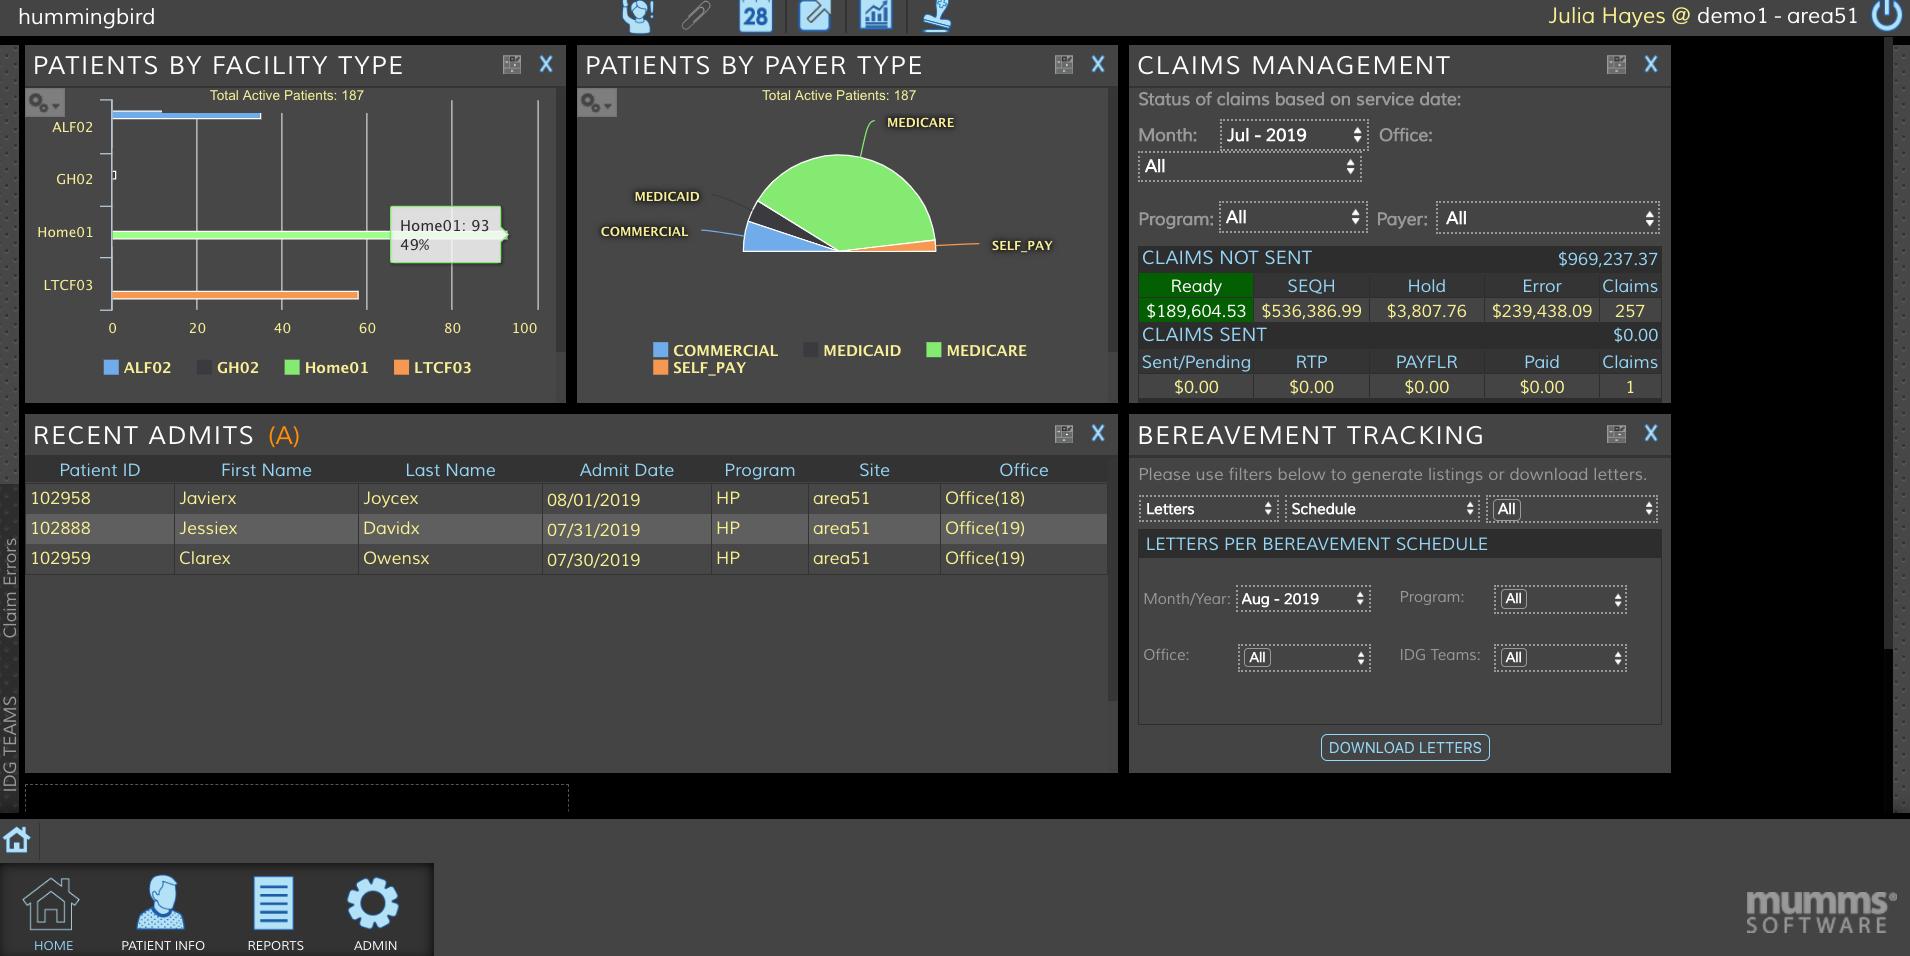 Customizable dashboard workspace